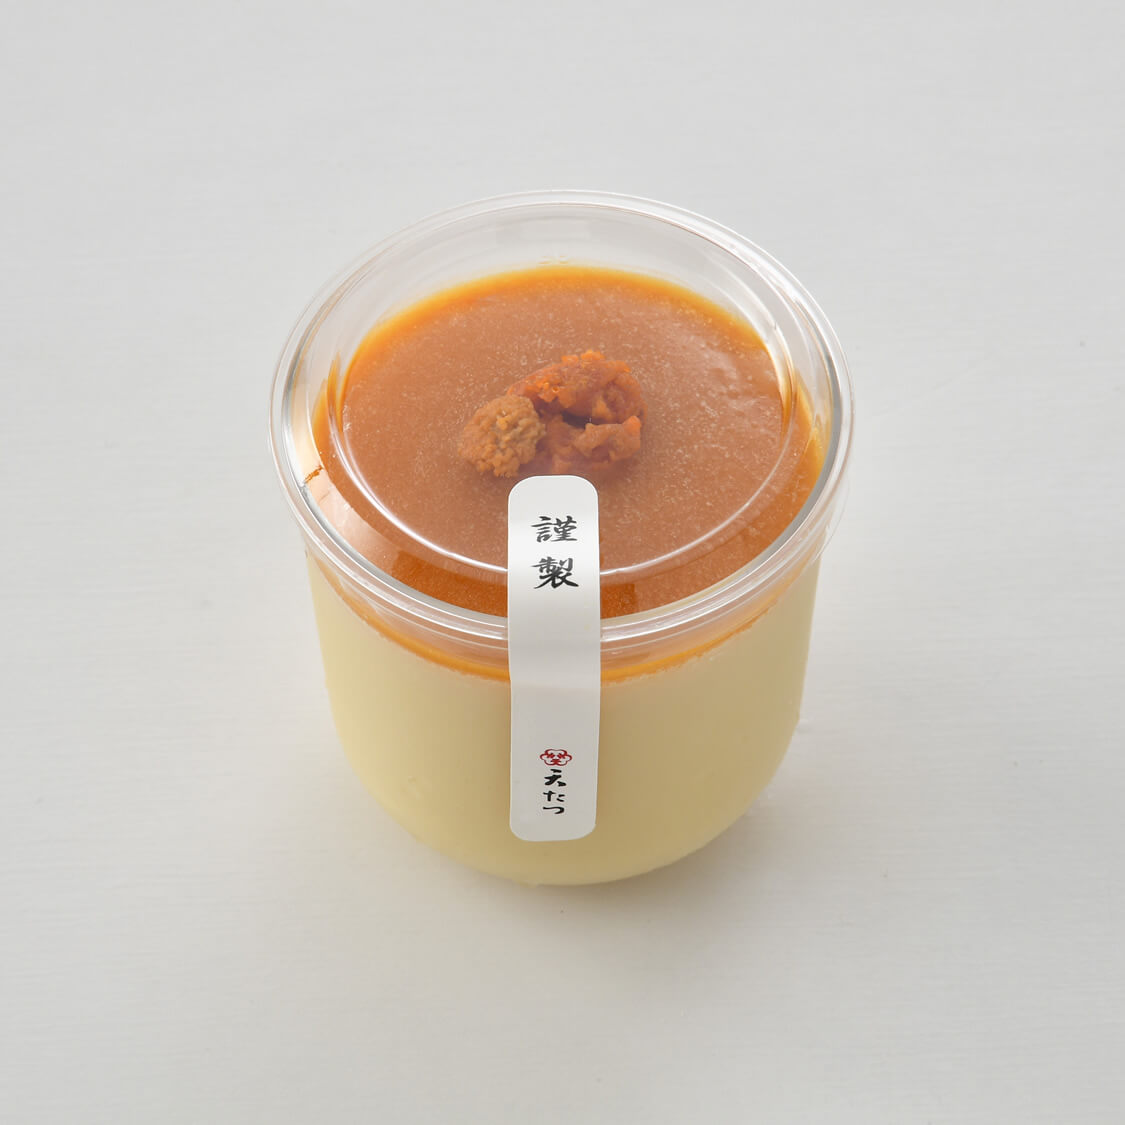 アンコール販売 | 雲丹の冷製豆乳茶碗蒸し1食分(125g)